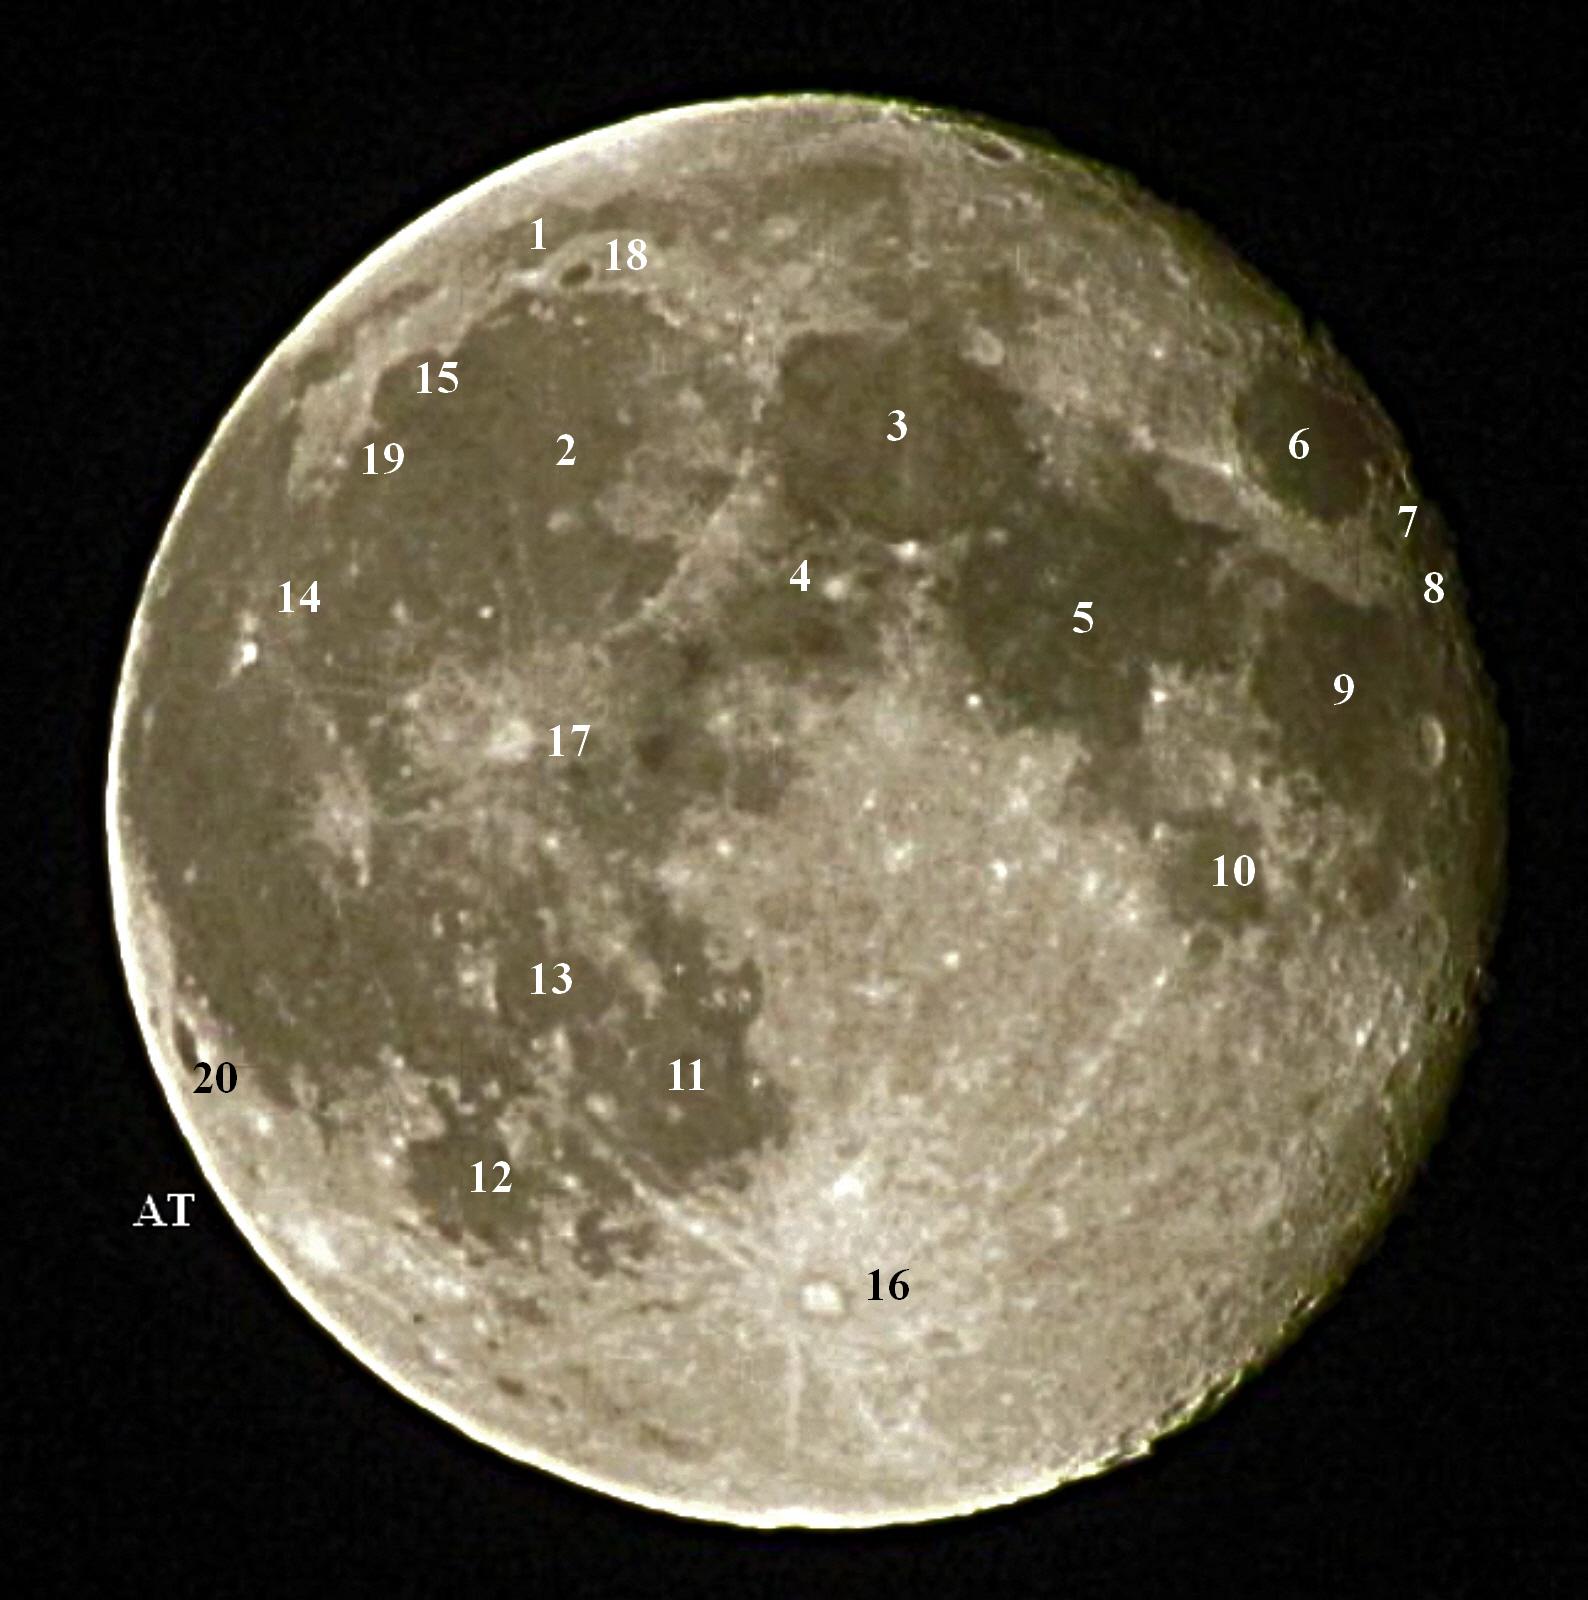 إطلالة القمر فوق مدينتنا ماربورغ مساء 1 أكتوبر 2012